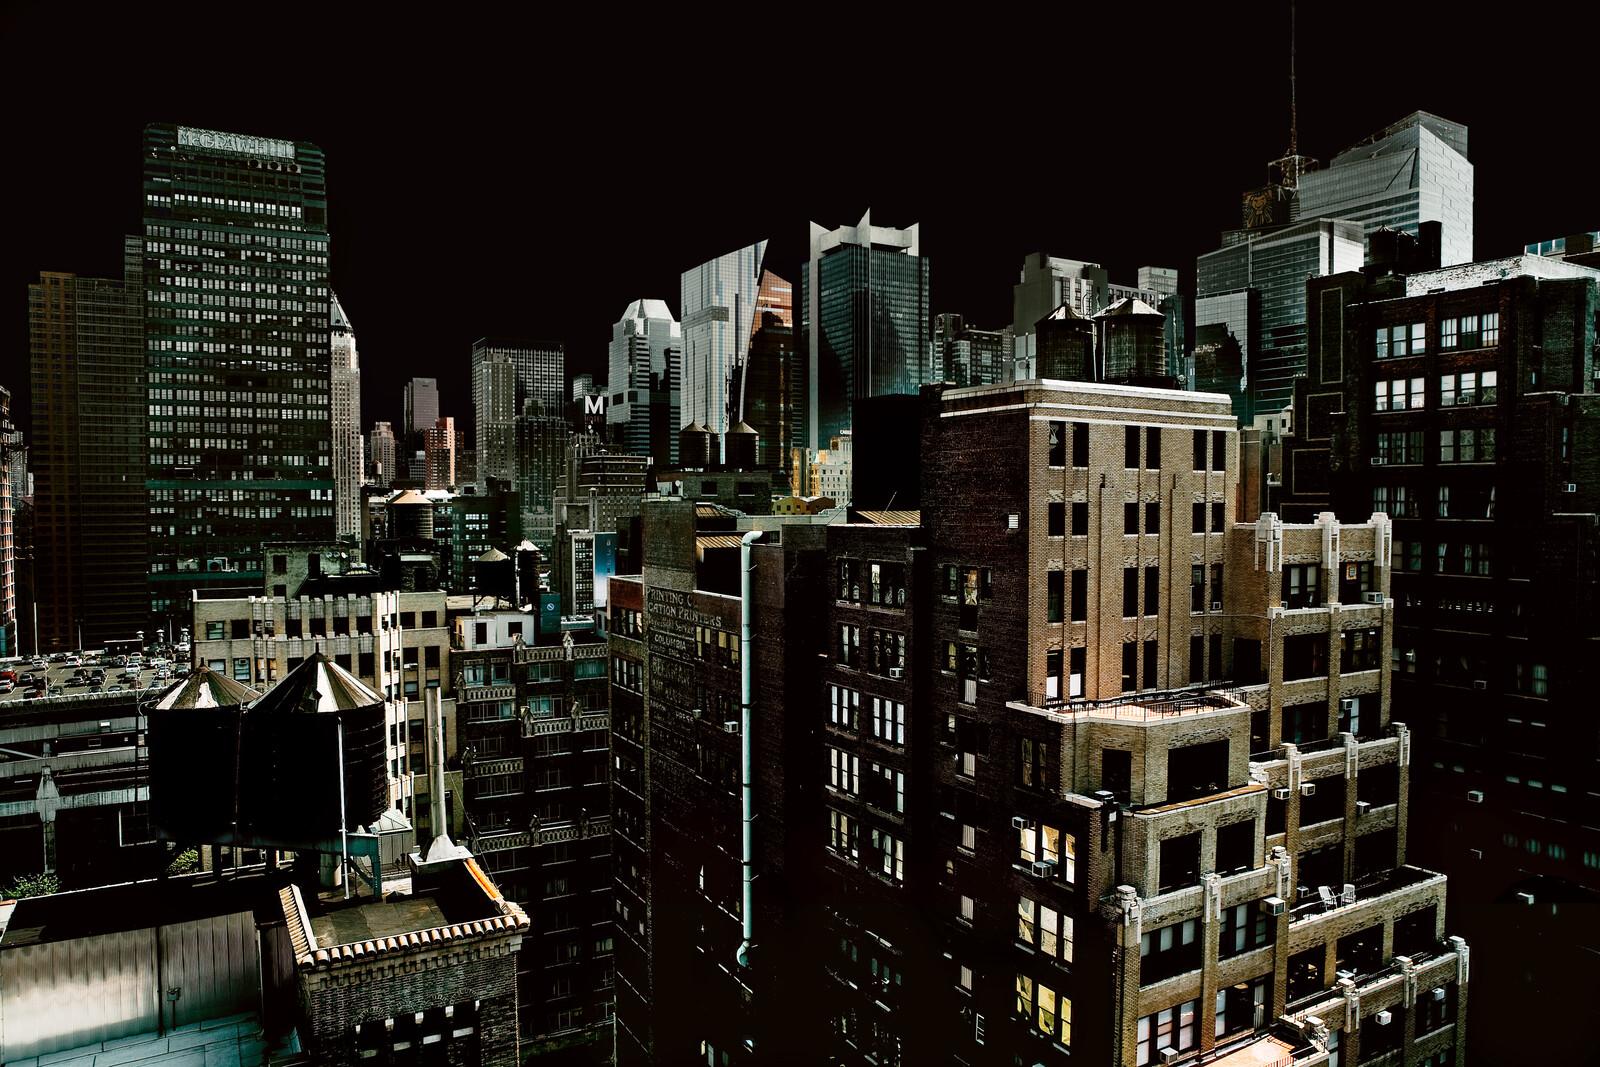 Darklight I - Lutz Hilgers